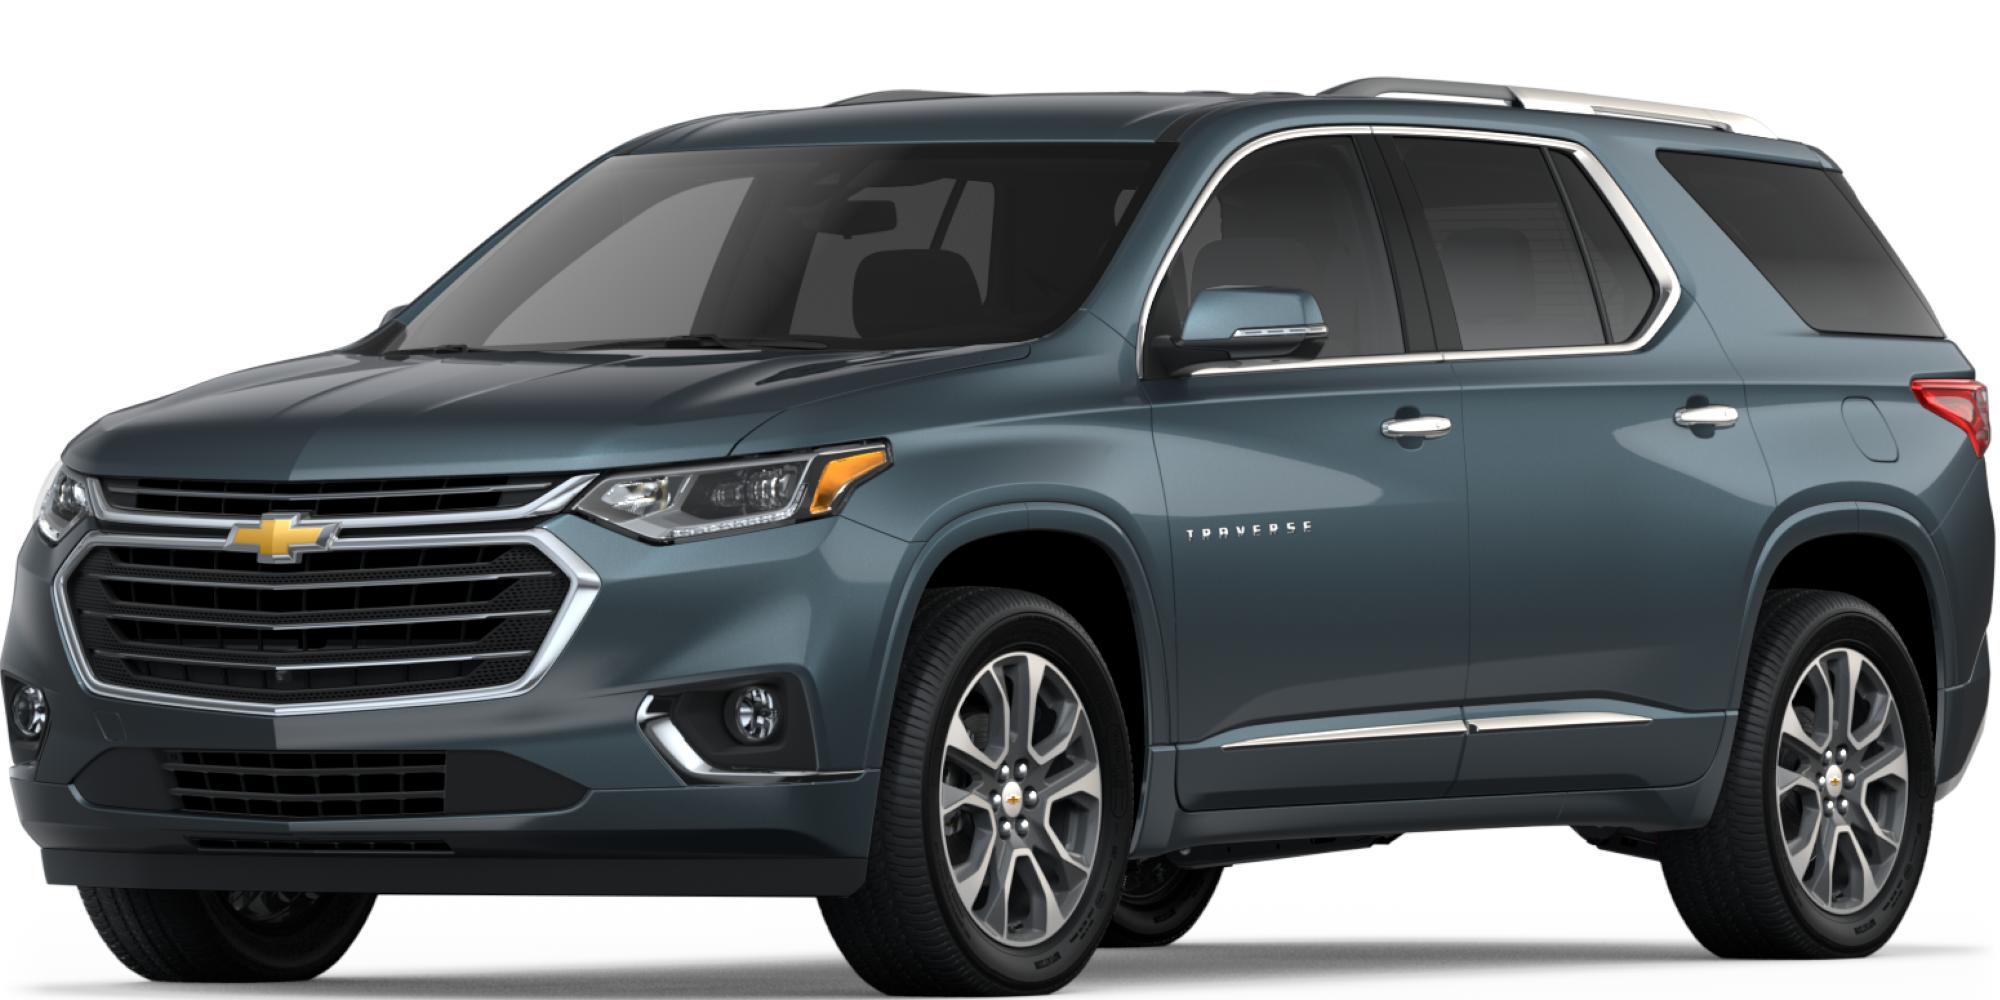 2017 ford explorer trim levels 2018 ford cars 2017 2018. Black Bedroom Furniture Sets. Home Design Ideas